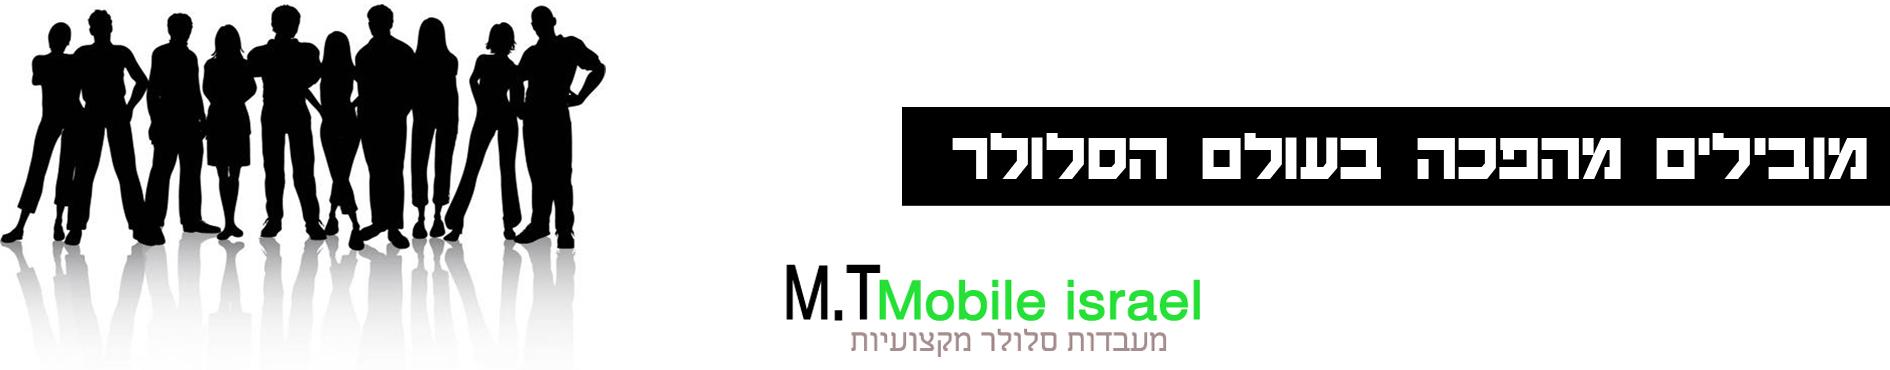 מעבדת תיקונים MT MOBILE תיקון מסך ,שקע טעינה, מעבדה למכשירים סיניים /